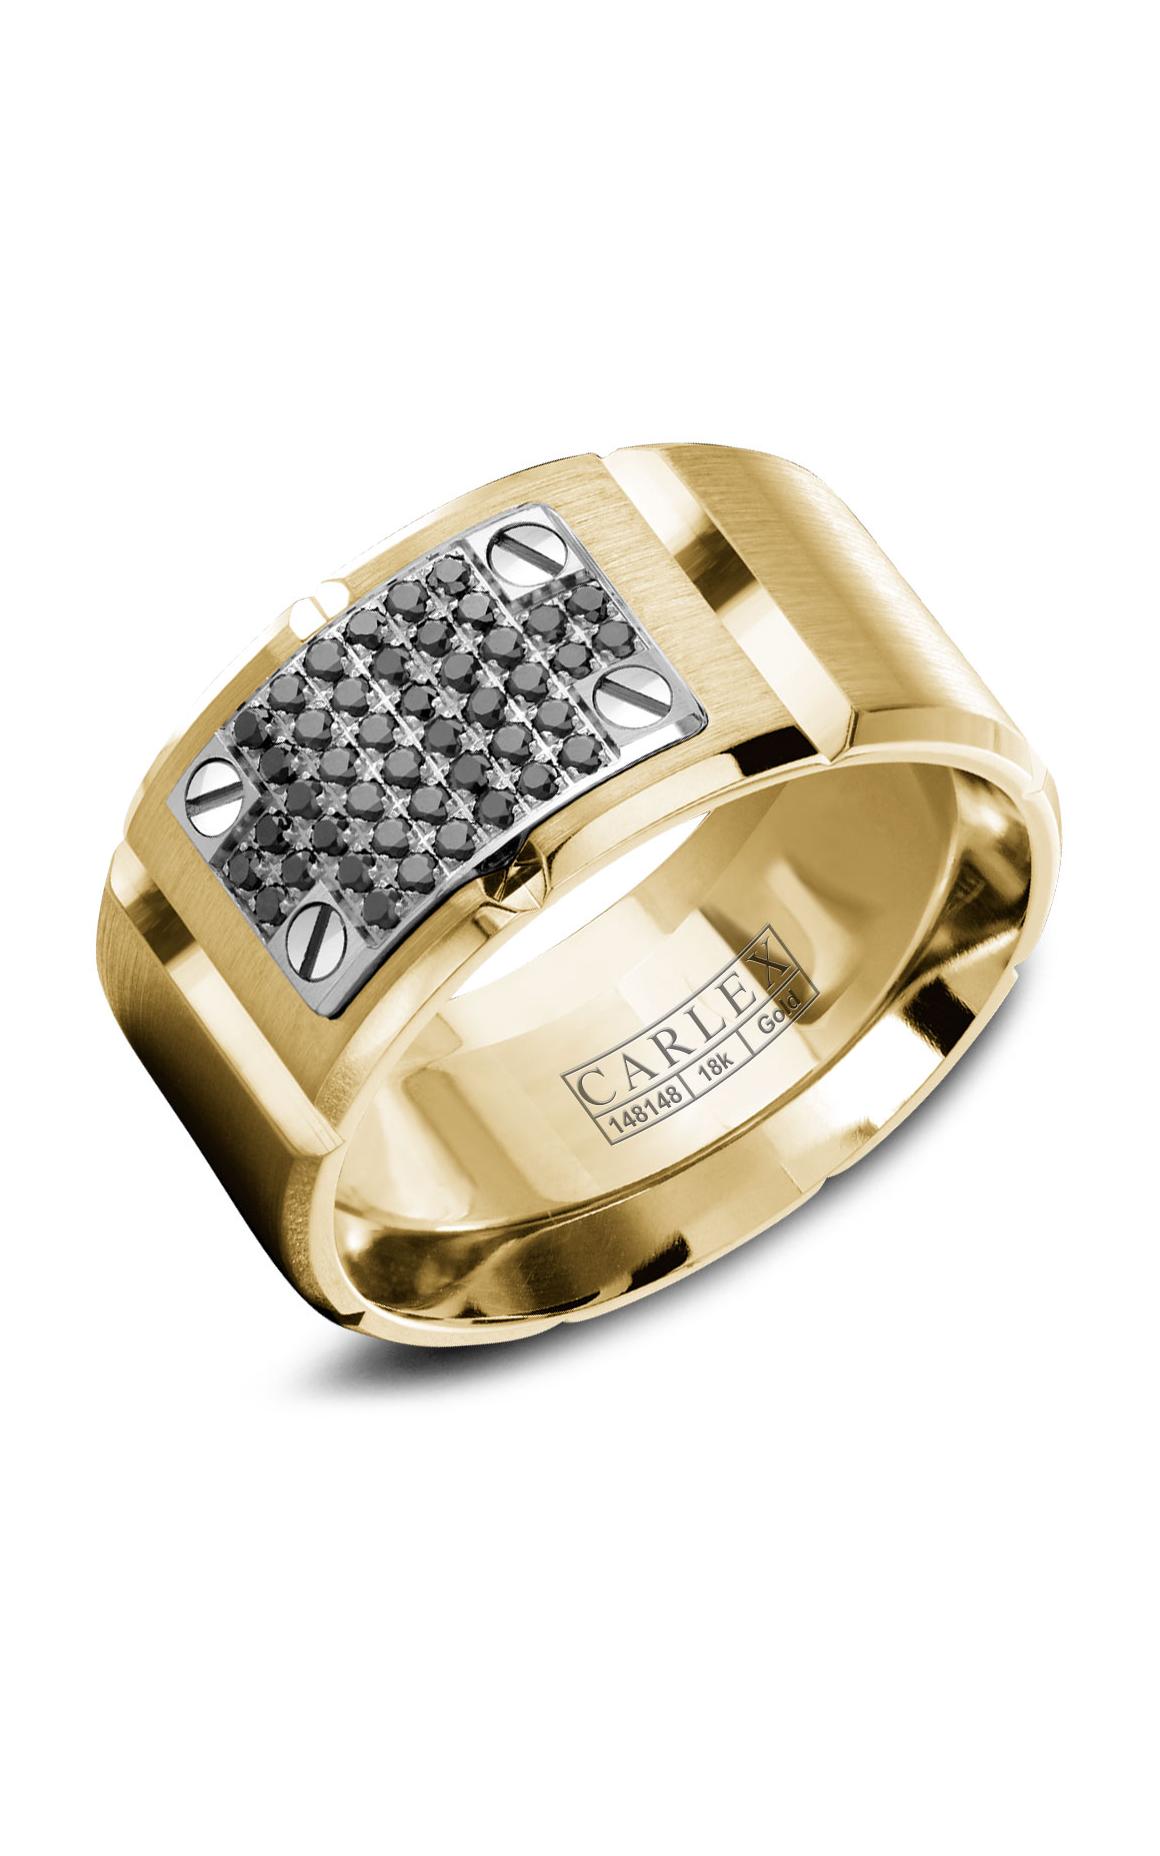 Carlex G2 WB-9798WYBD product image